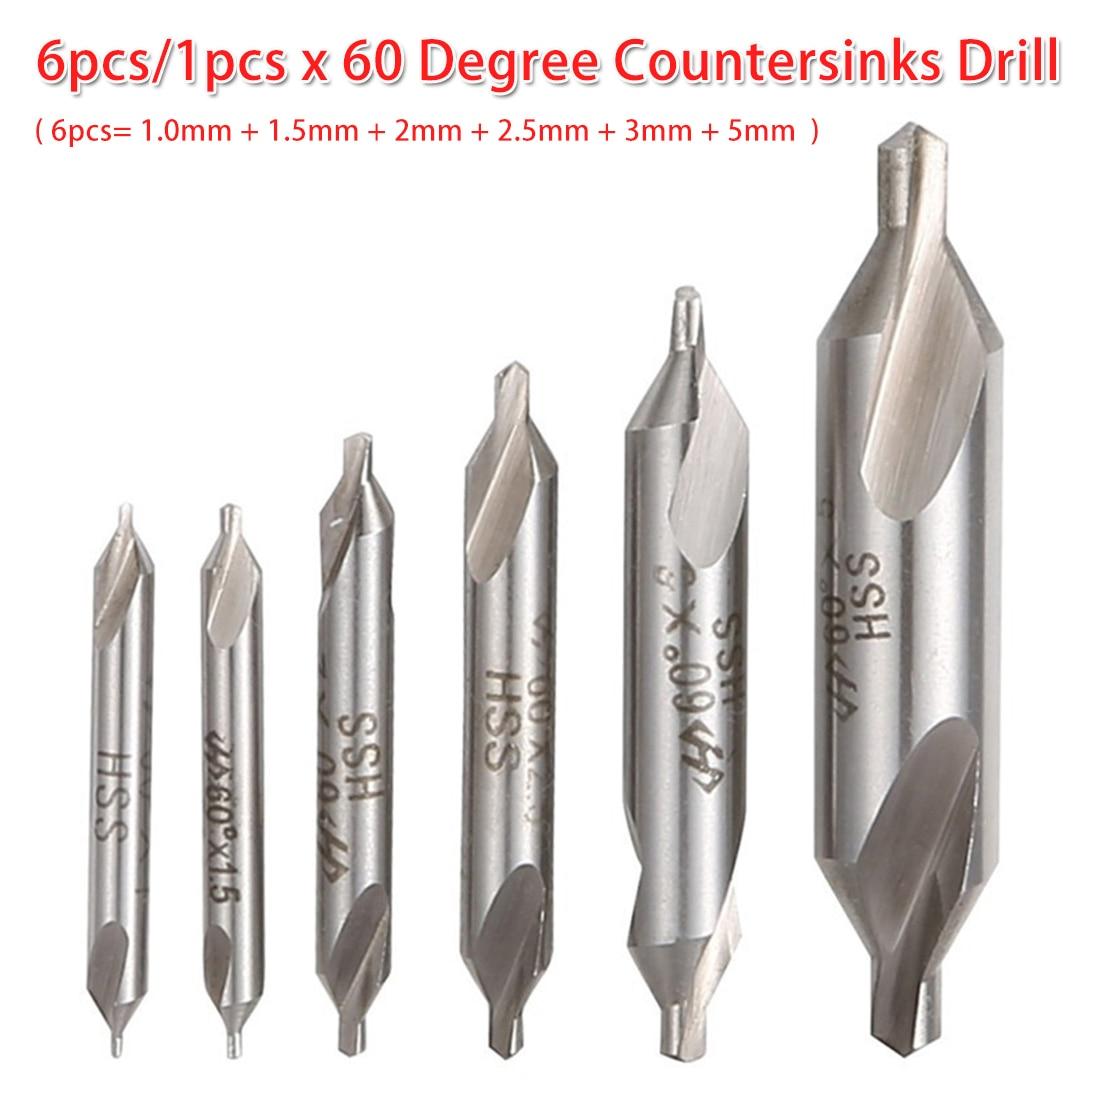 6pcs/1pcs HSS Combined Center Drill Bit 60 Degree Countersink Drill 1.0mm 1.5mm 2mm 2.5mm 3mm 5mm For Bodhi Rosary/ Woodwork